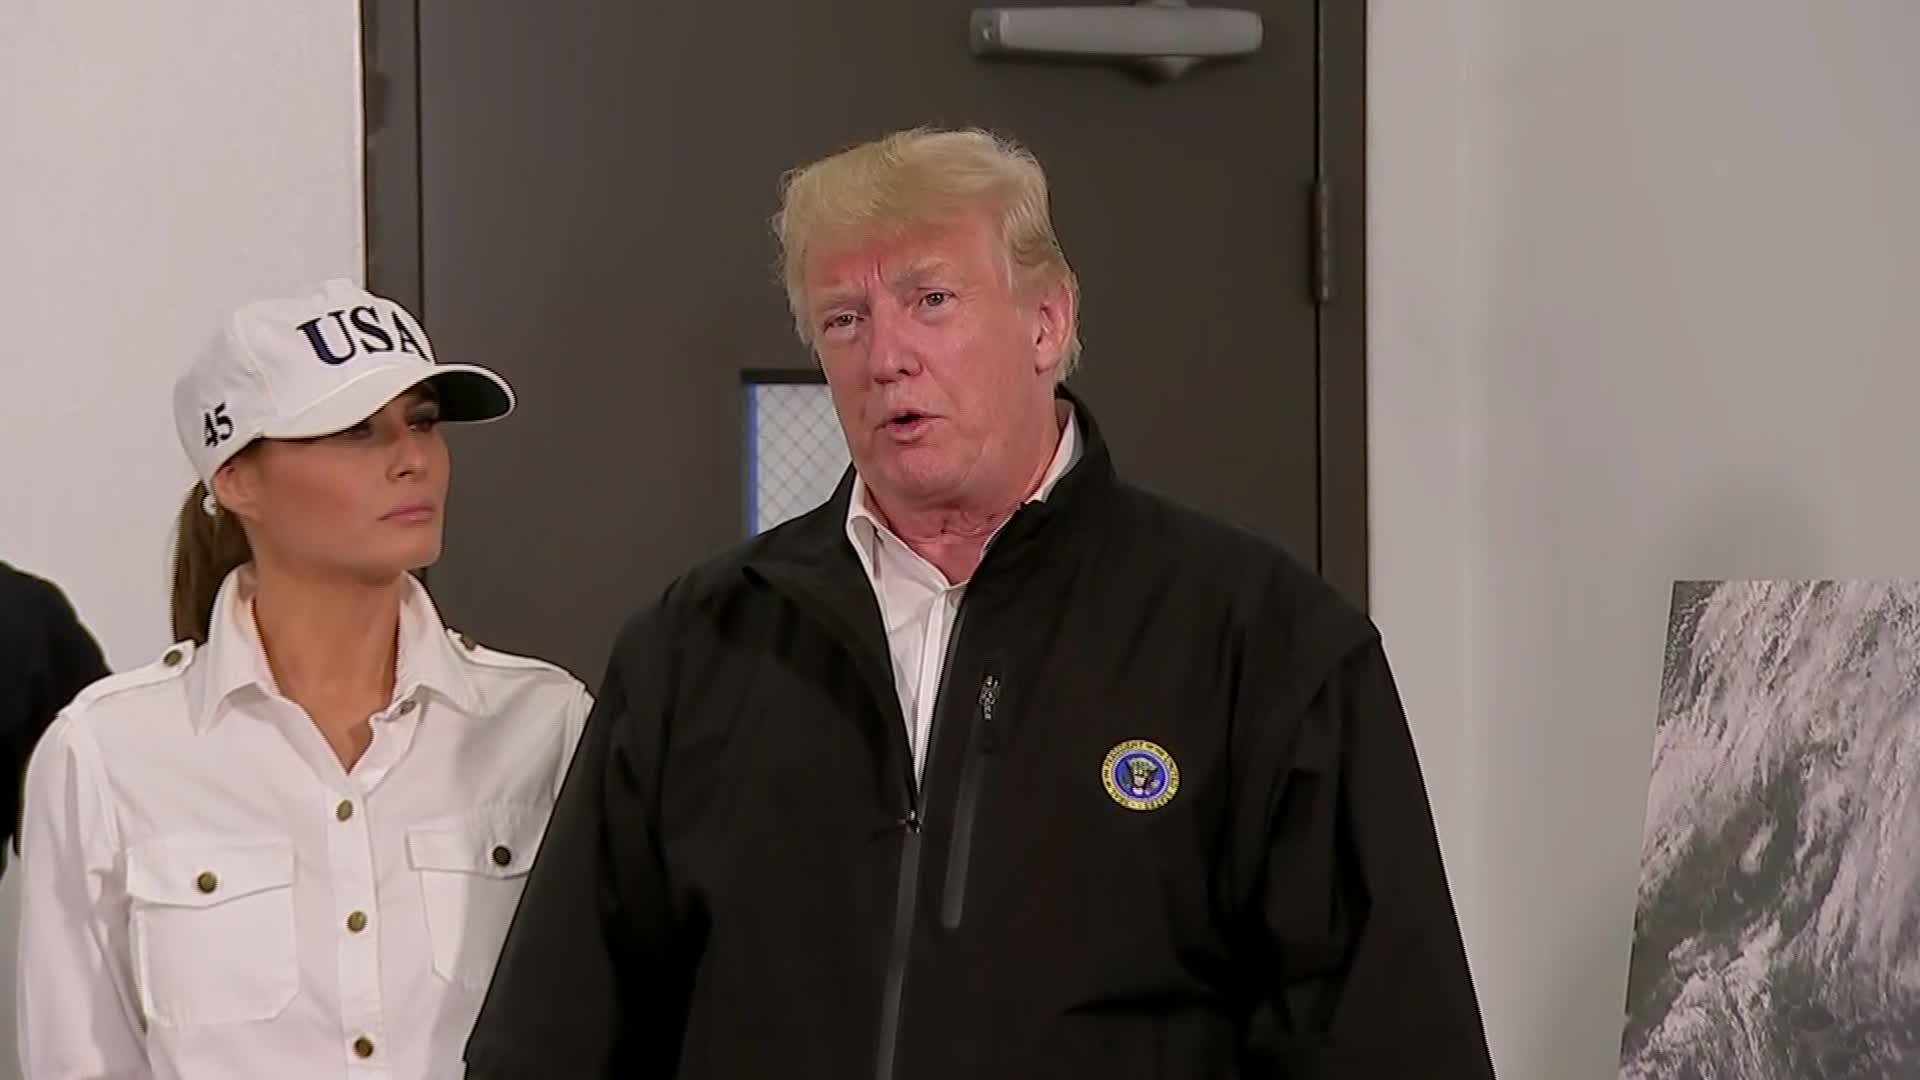 President Trump speaks to reporters in Warner Robins, Georgia.